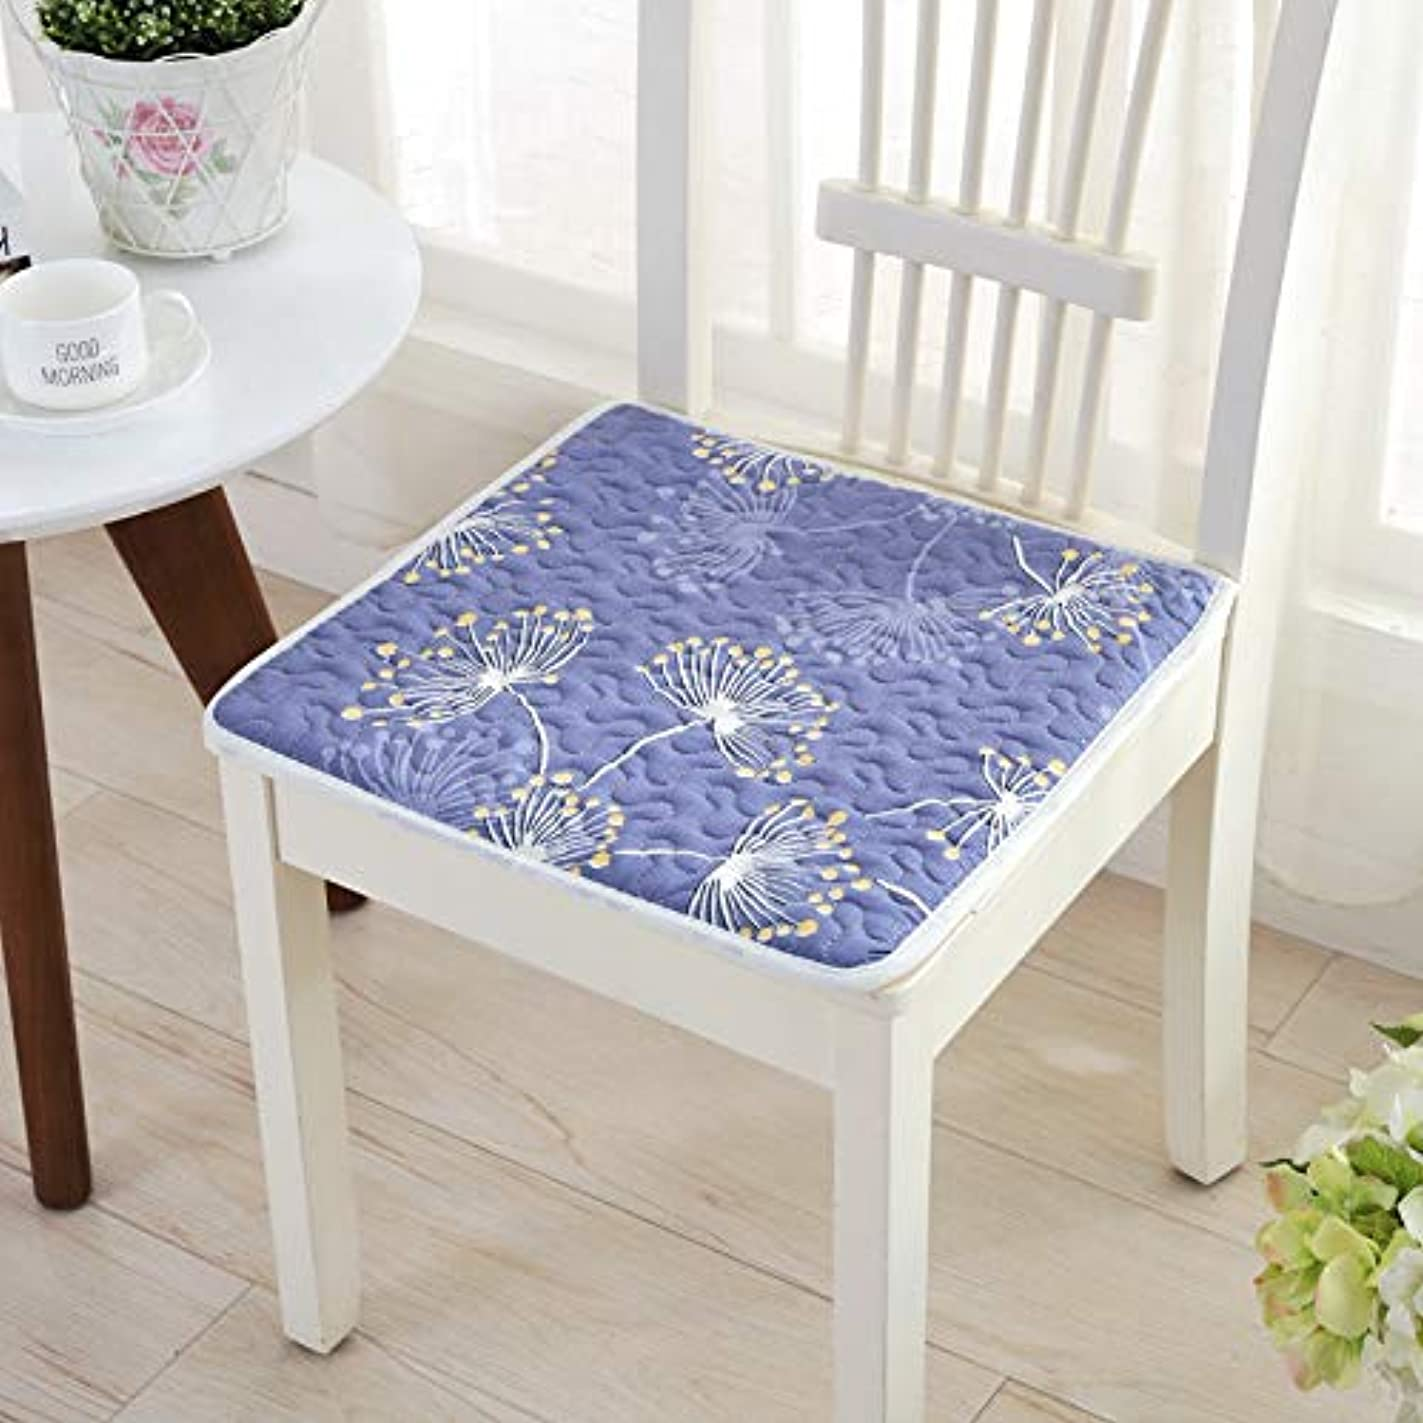 体納屋ジャムLIFE 現代スーパーソフト椅子クッション非スリップシートクッションマットソファホームデコレーションバッククッションチェアパッド 40*40/45*45/50*50 センチメートル クッション 椅子